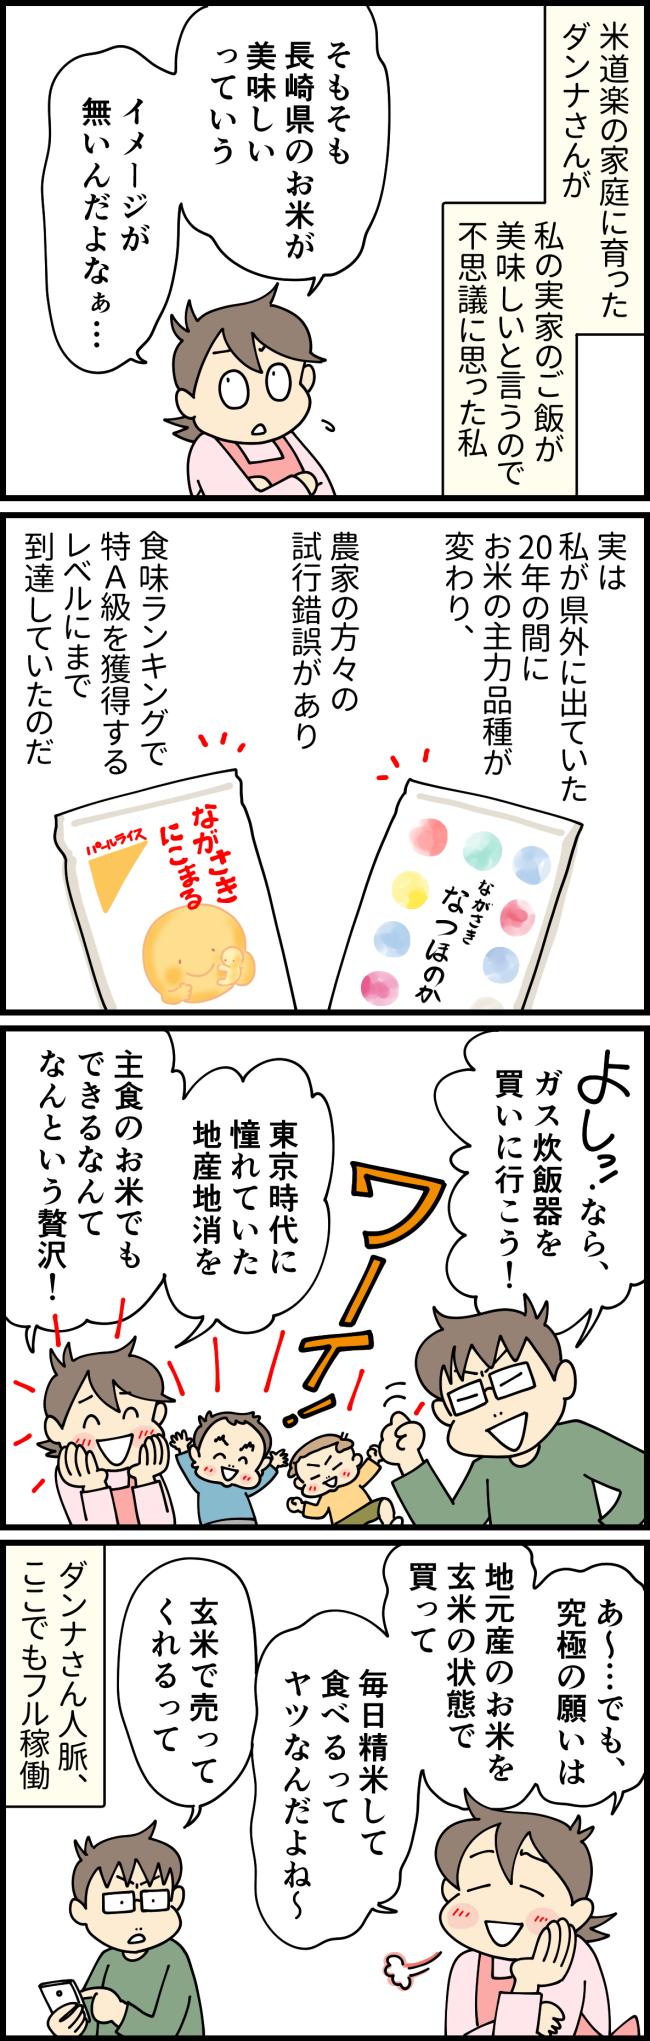 農家の努力で食味ランキングで特A級を獲得するまでになっていた長崎県産米の玄米を買う算段をつけた大原由軌子のダンナさん